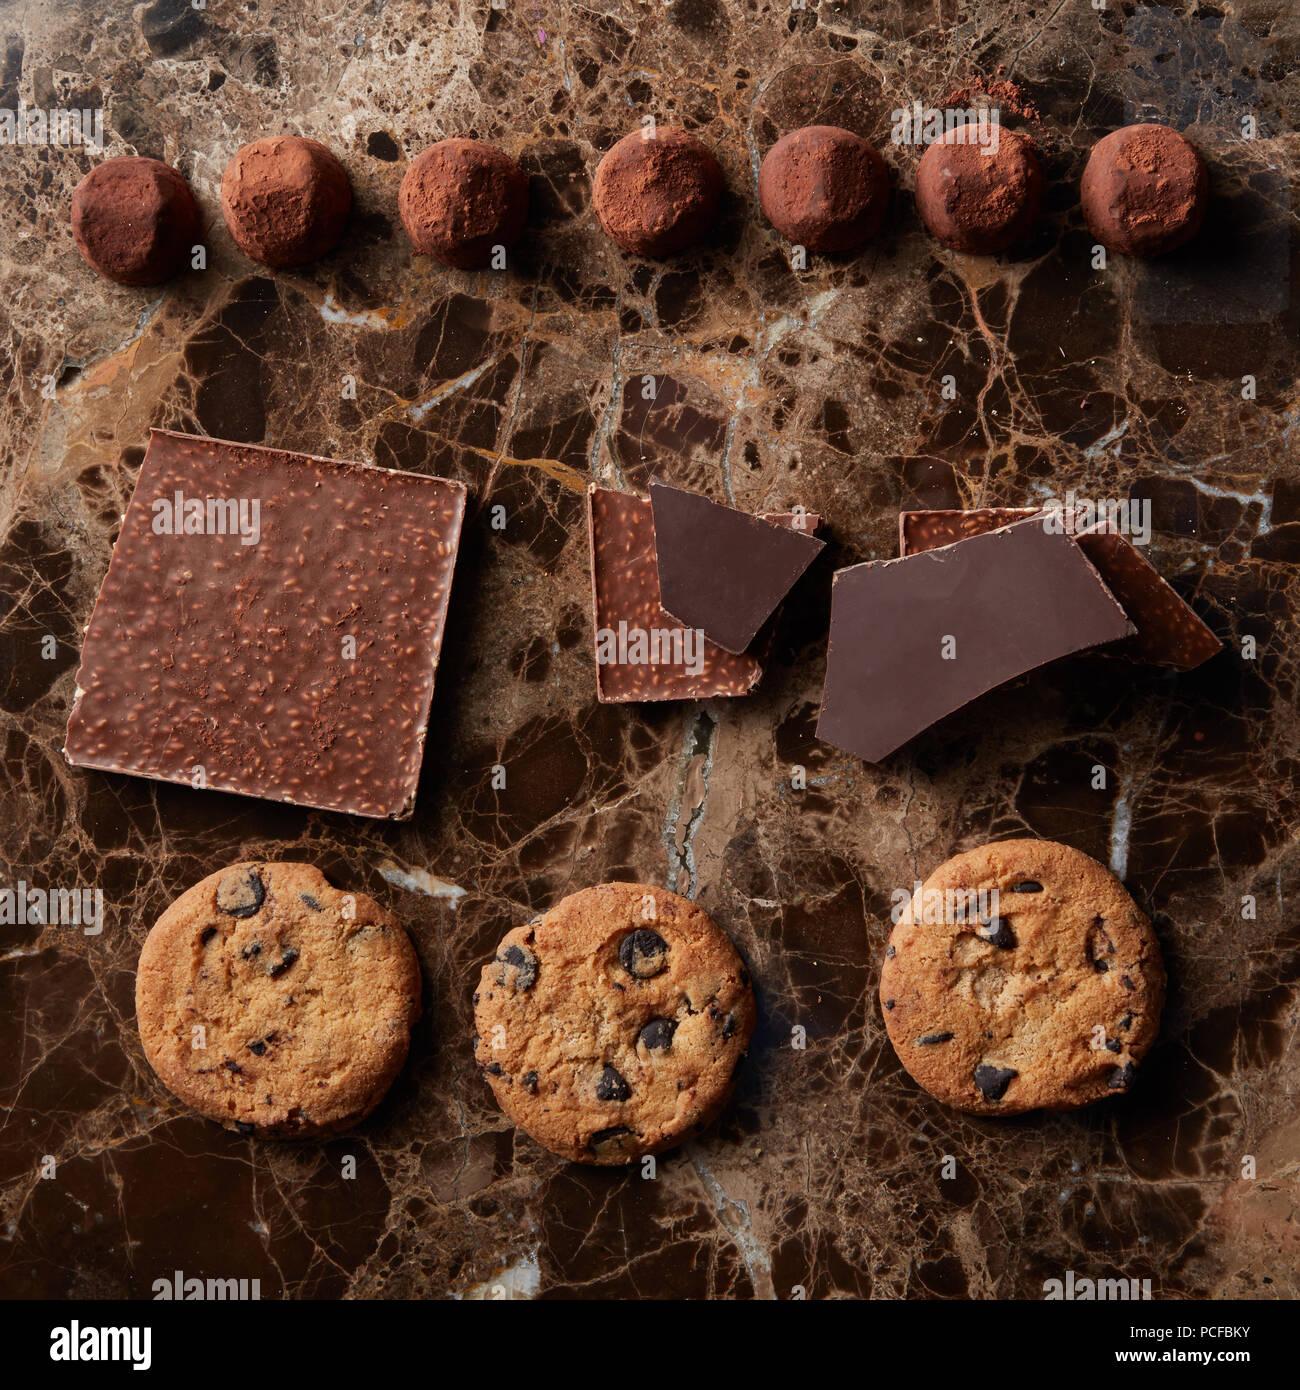 chocolate,truffle mushroom,chocolate biscuits Stock Photo